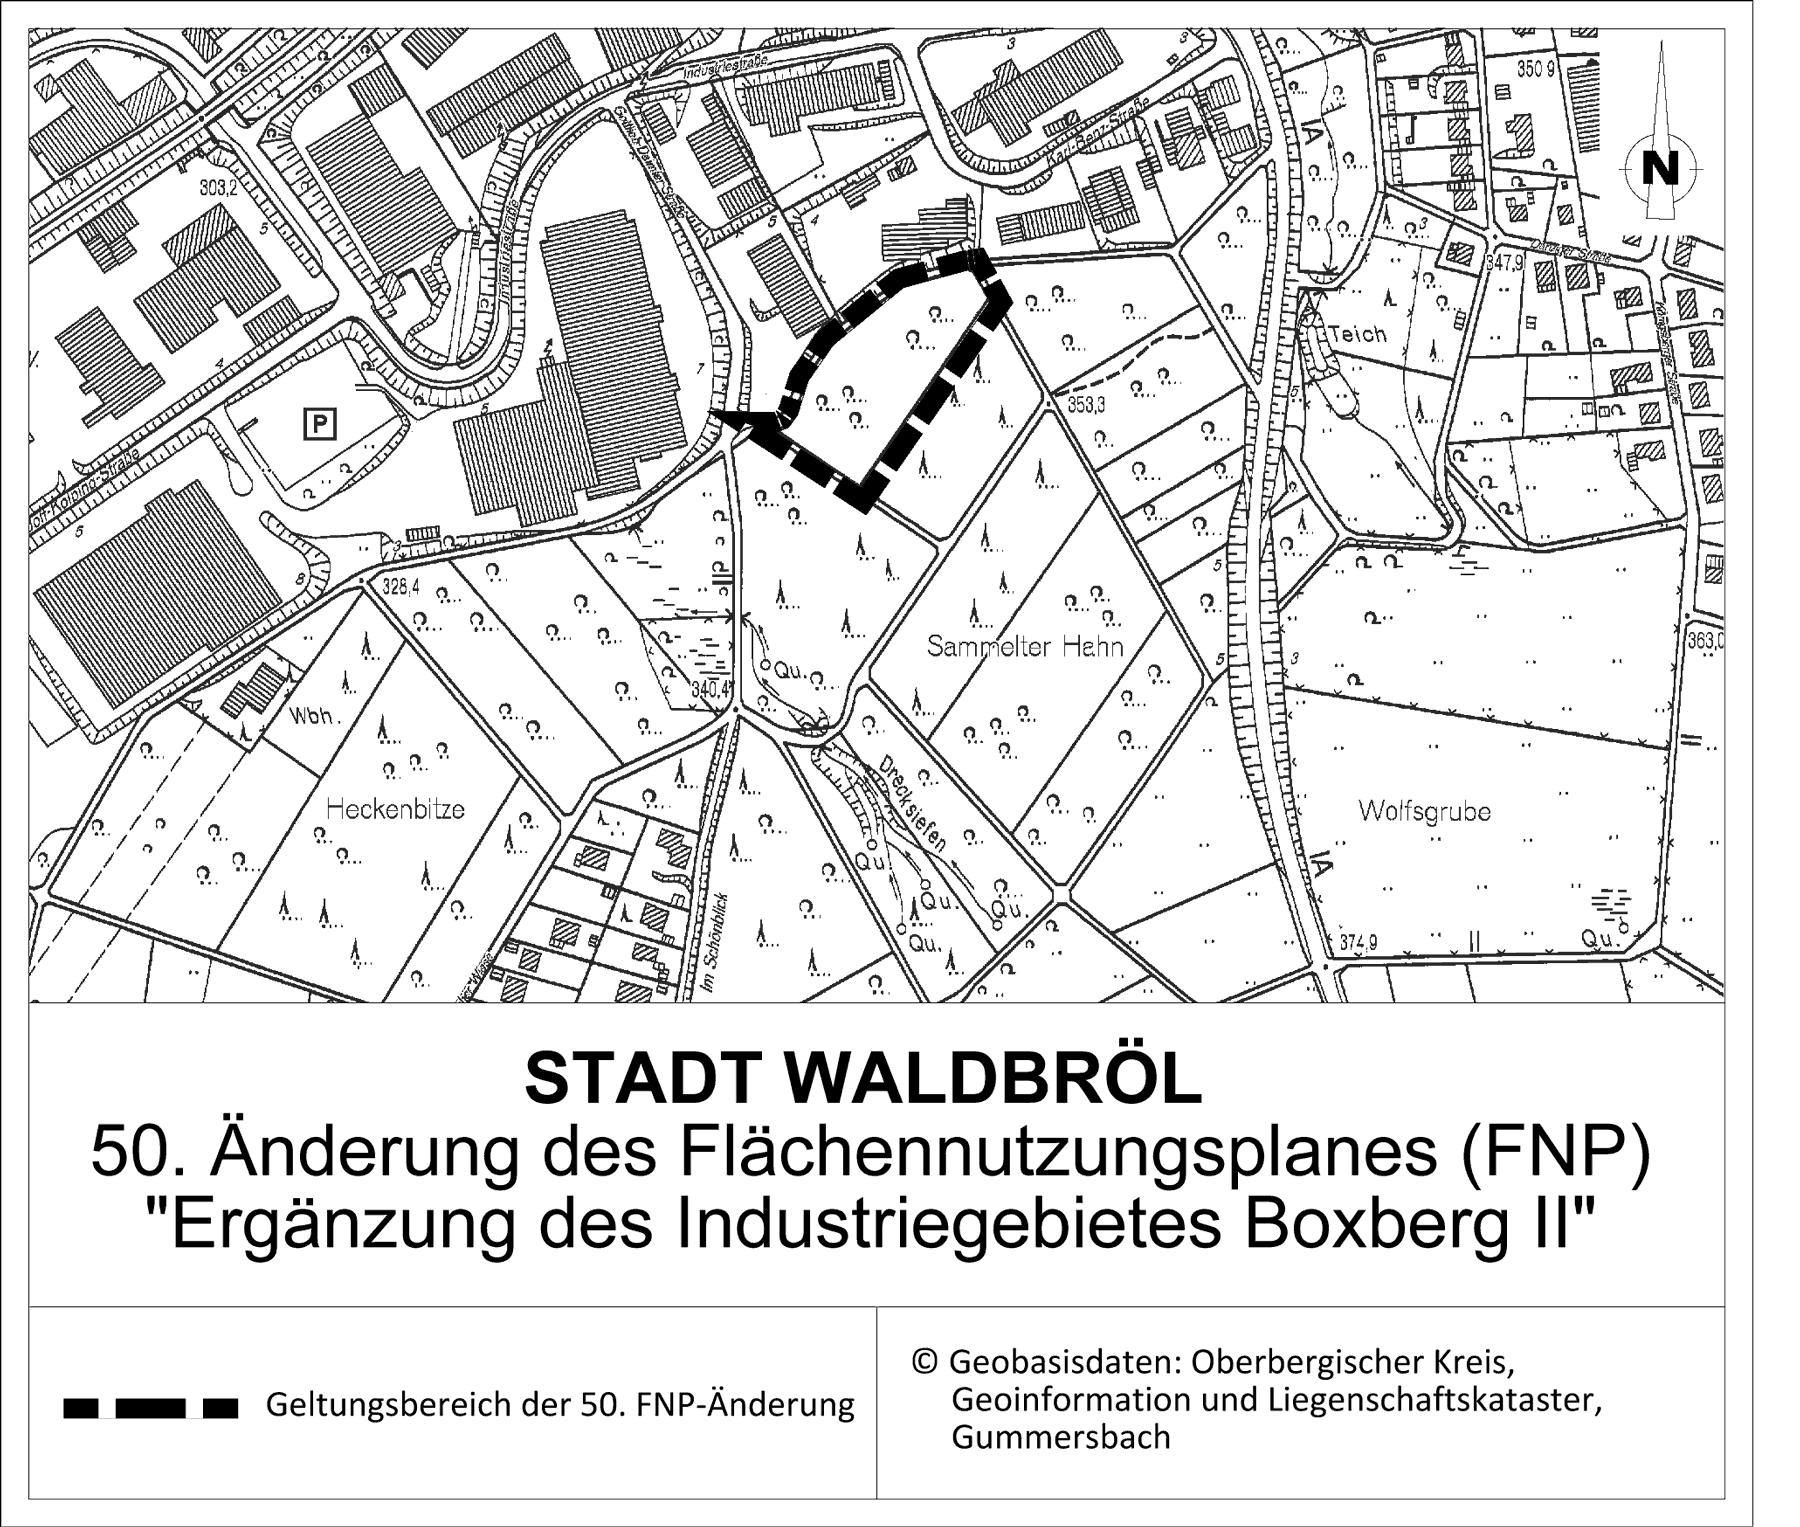 """Inkraftsetzung der 50. Änderung des Flächennutzungsplanes der Stadt Waldbröl """"Ergänzung des Industrie- und Gewerbegebietes Boxberg II"""""""